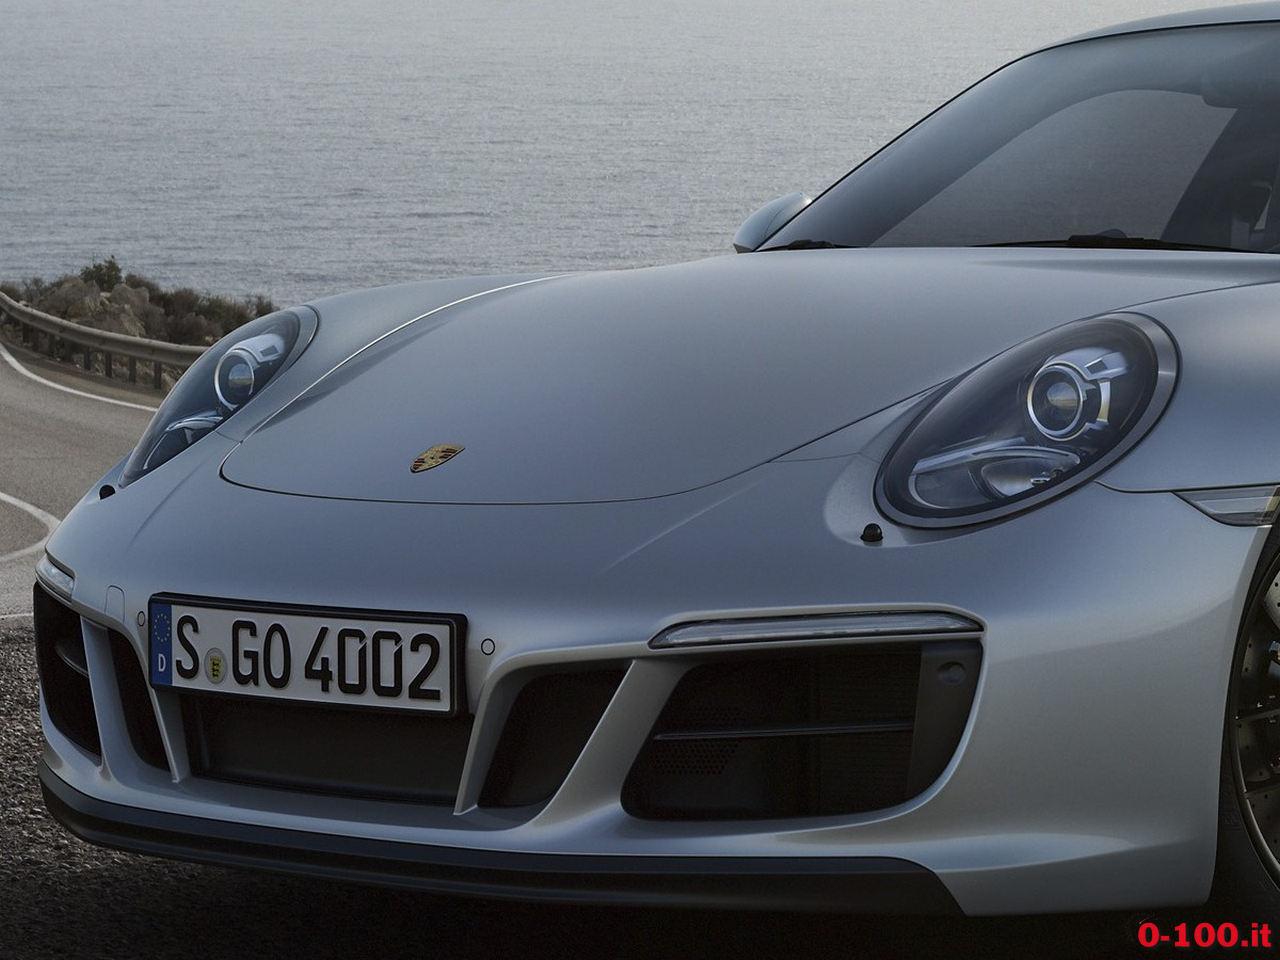 porsche_911-991-carrera-4-gts-coupe-targa-cabriolet-0-100_13